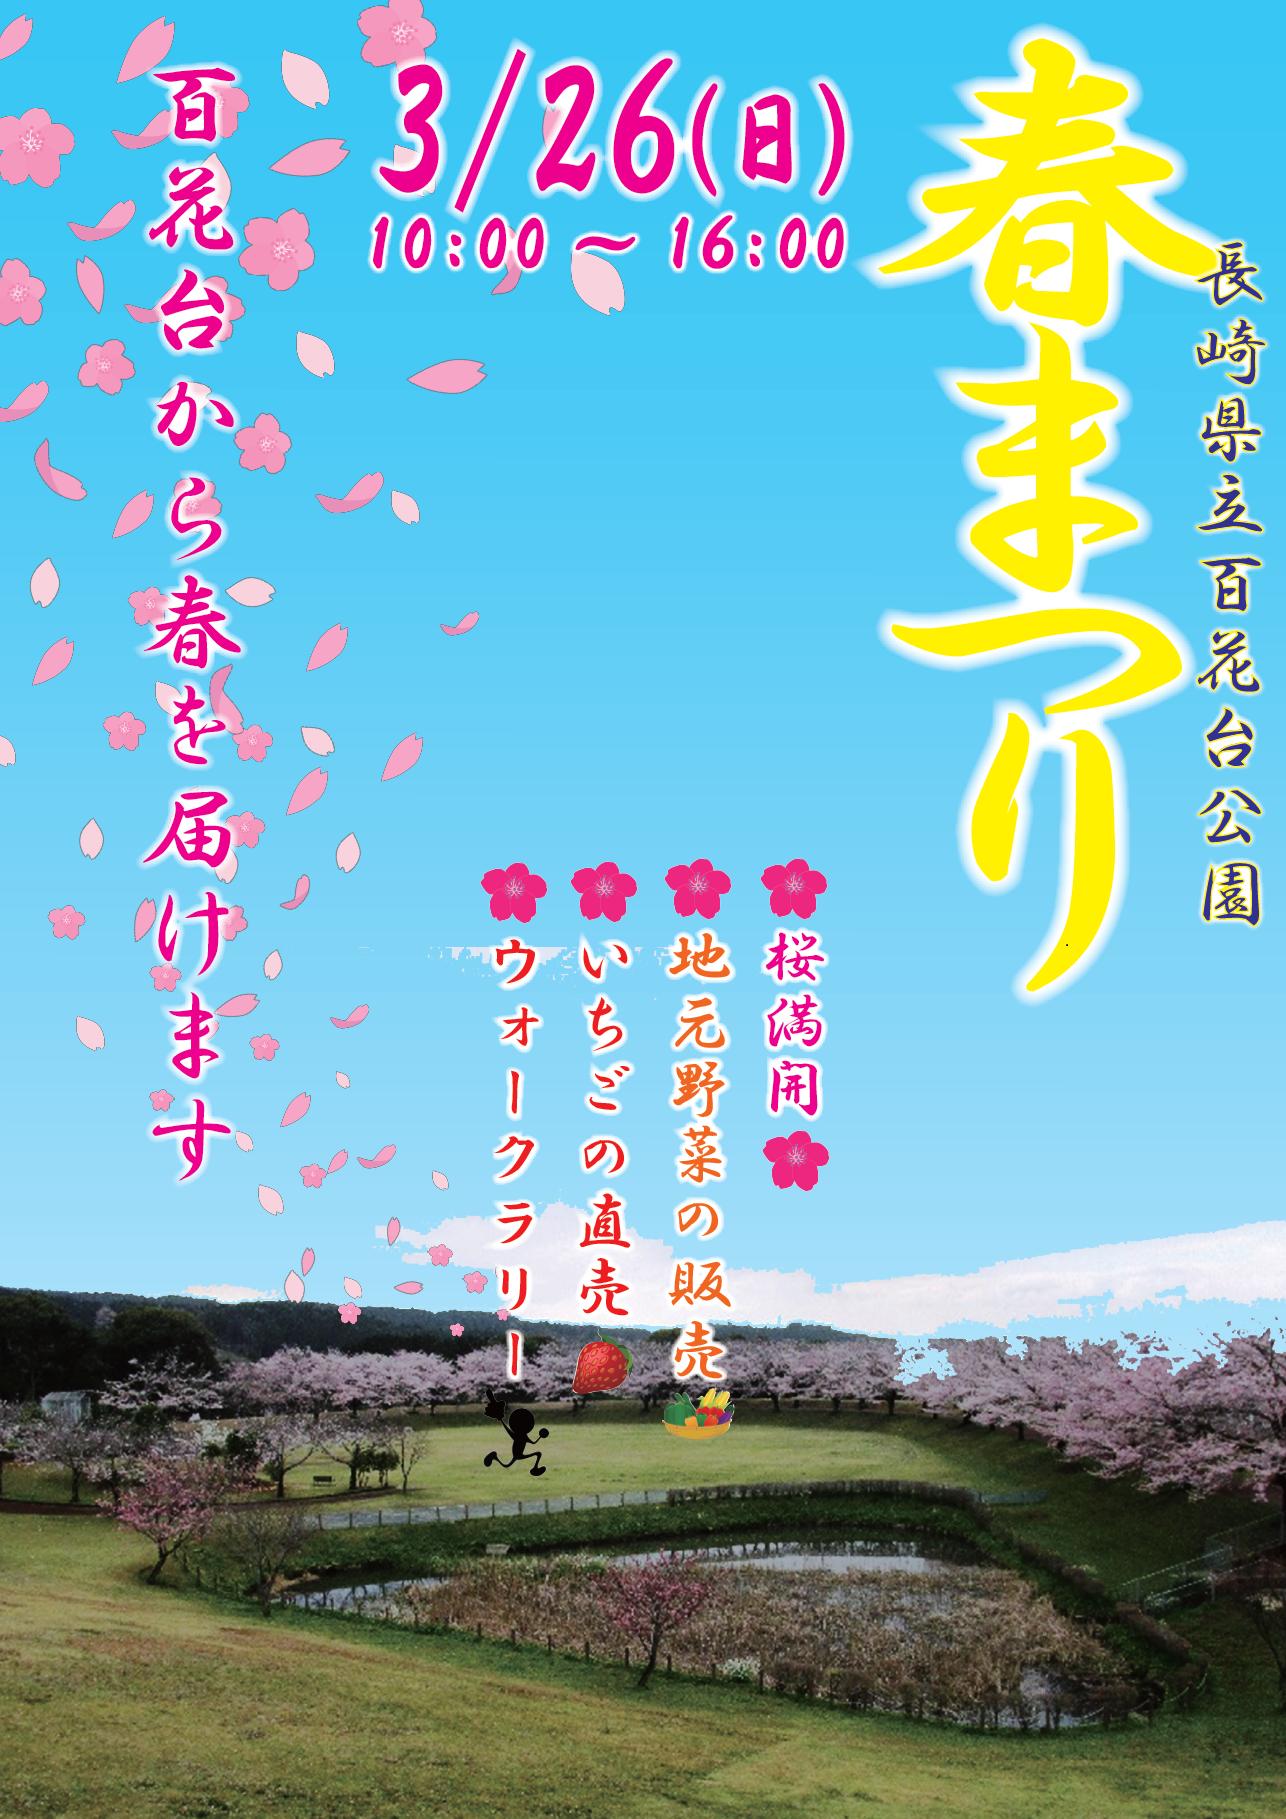 百花台春まつりポスター